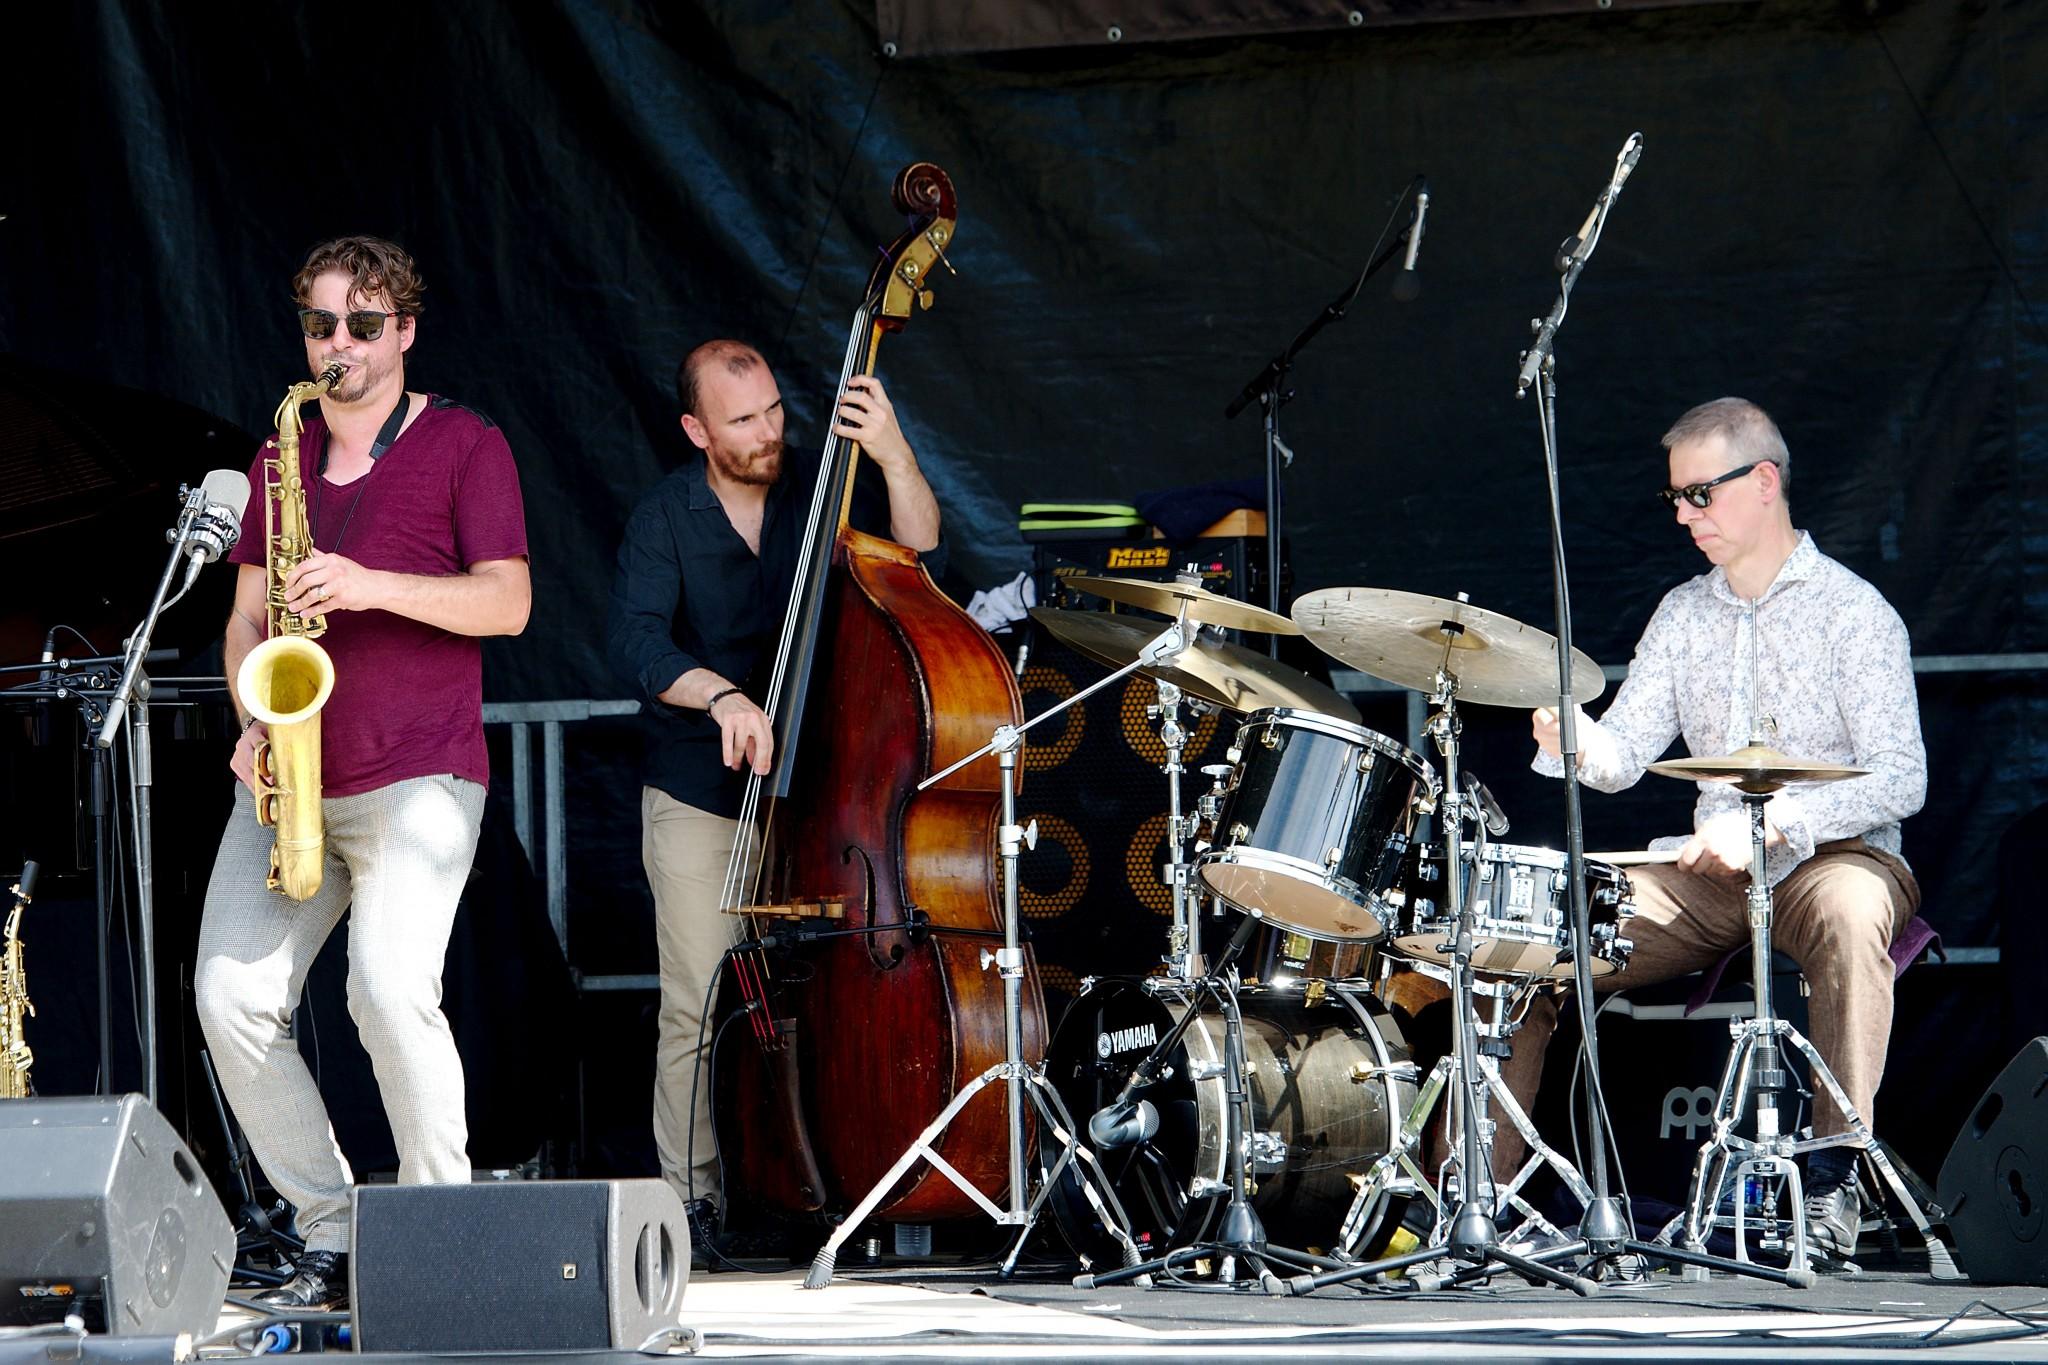 Retour Sur Le Festival De Jazz De Segr Jazz Magazine